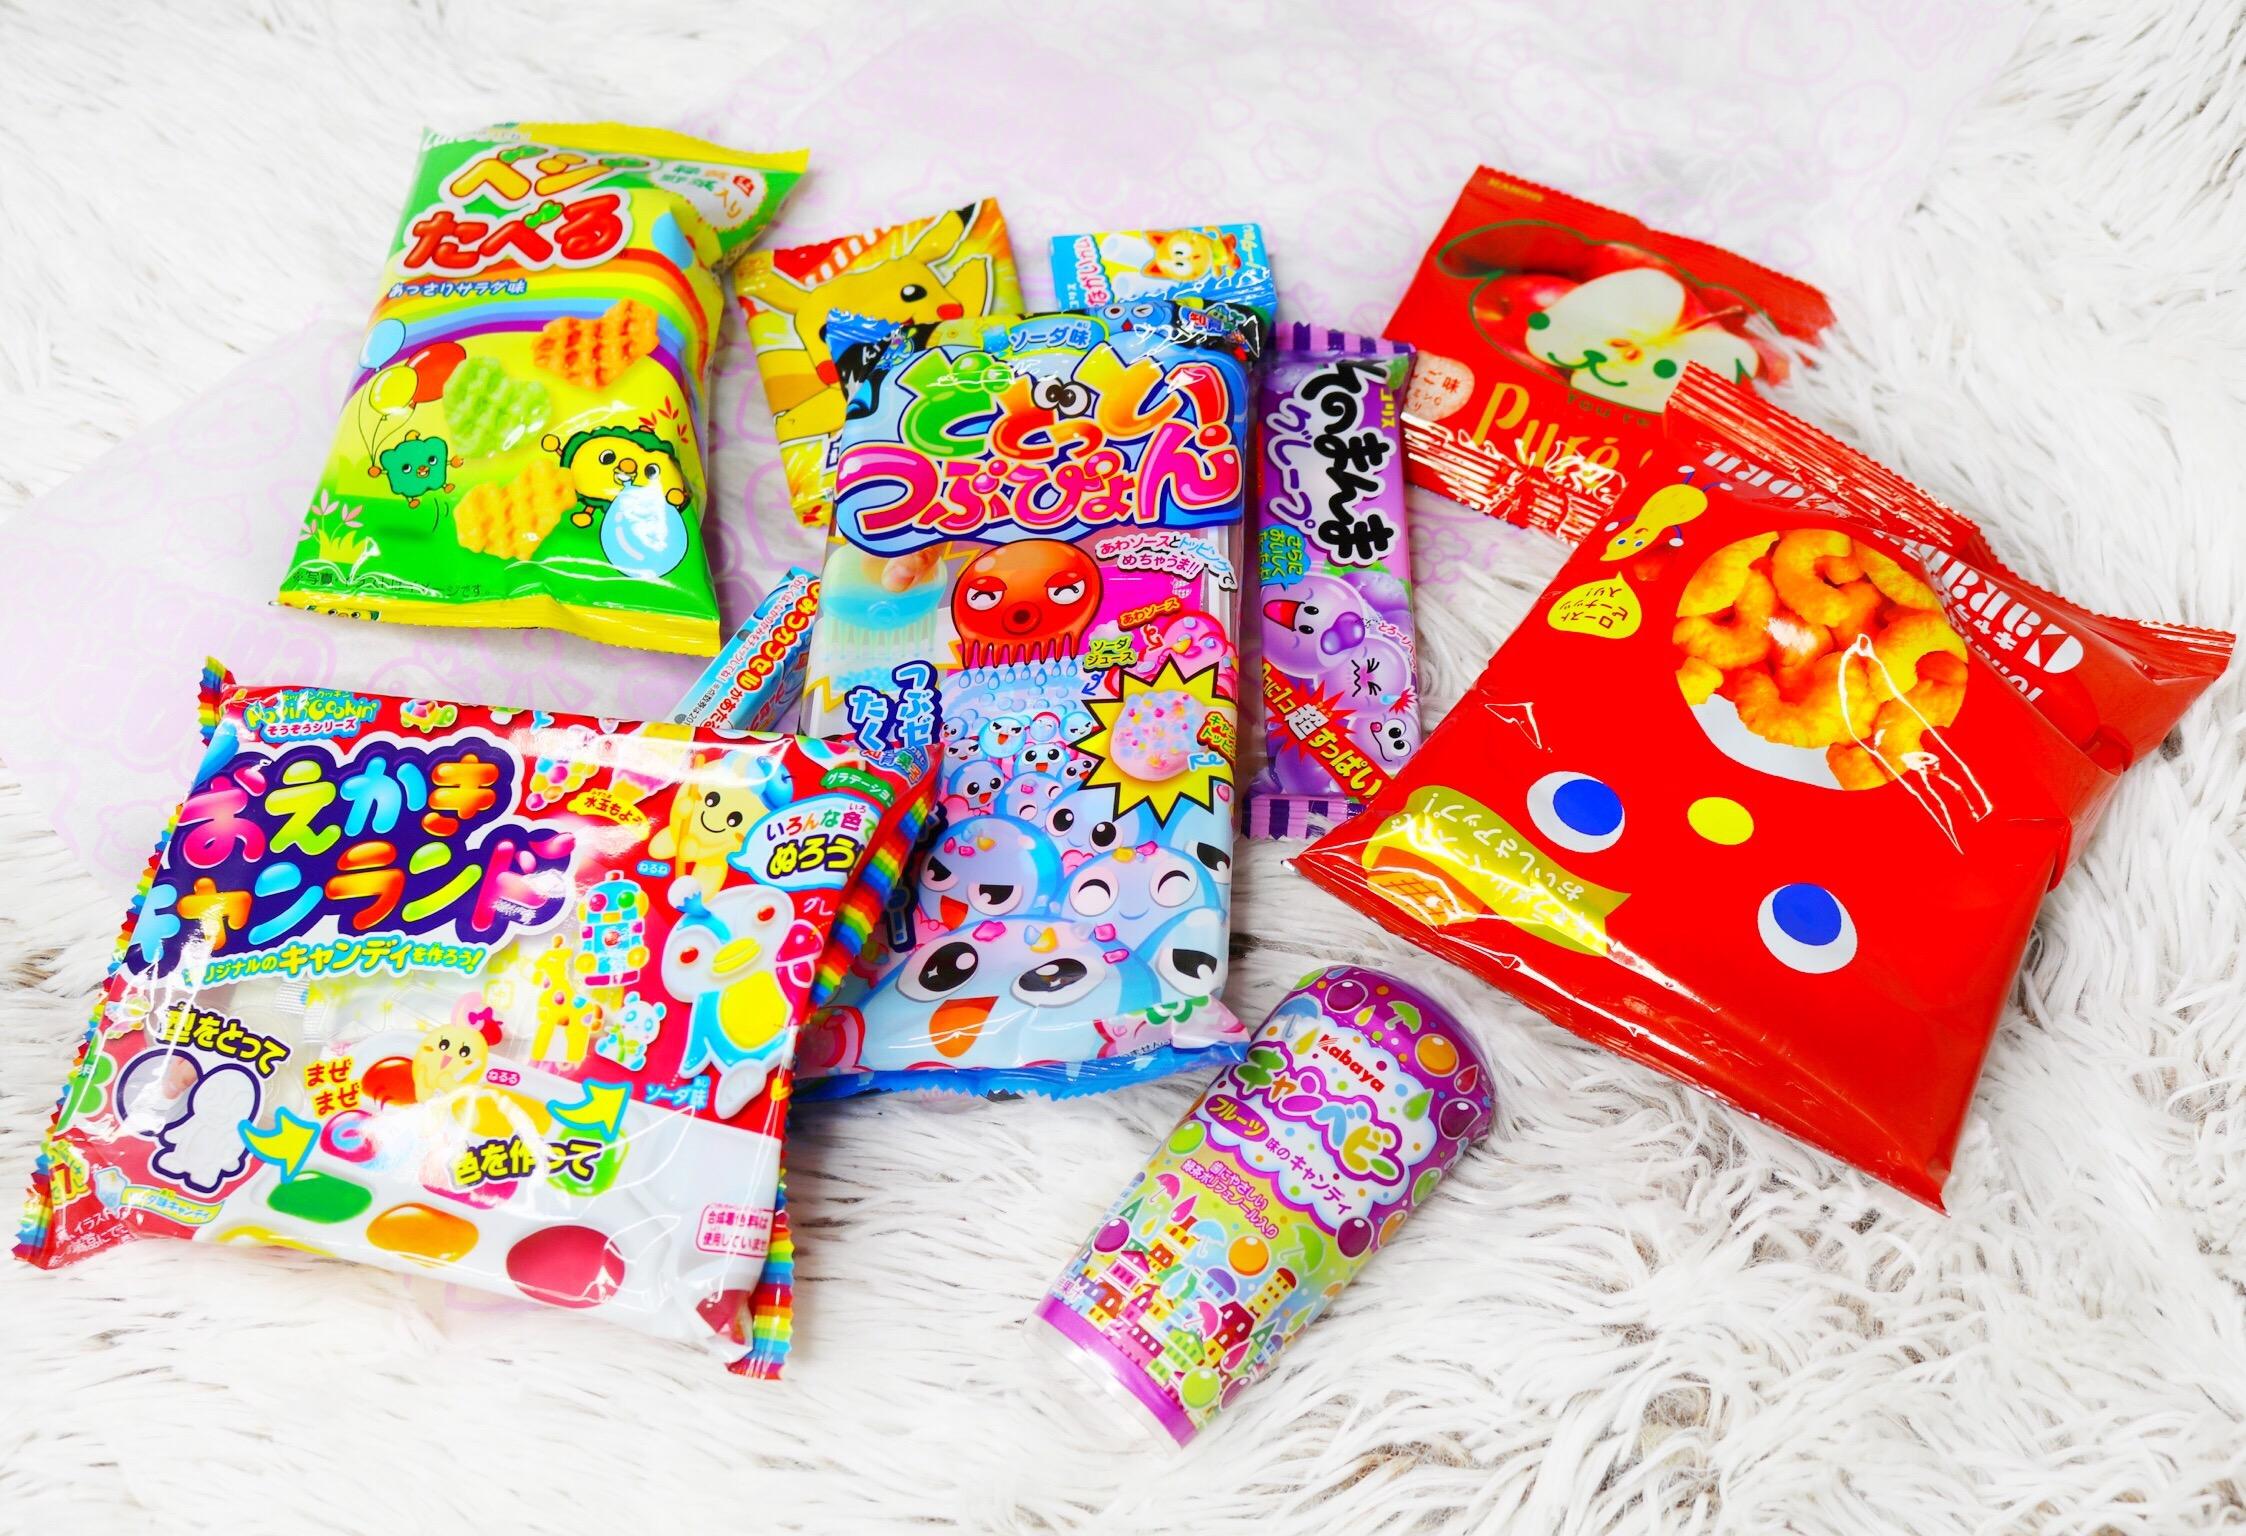 produse japoneze online